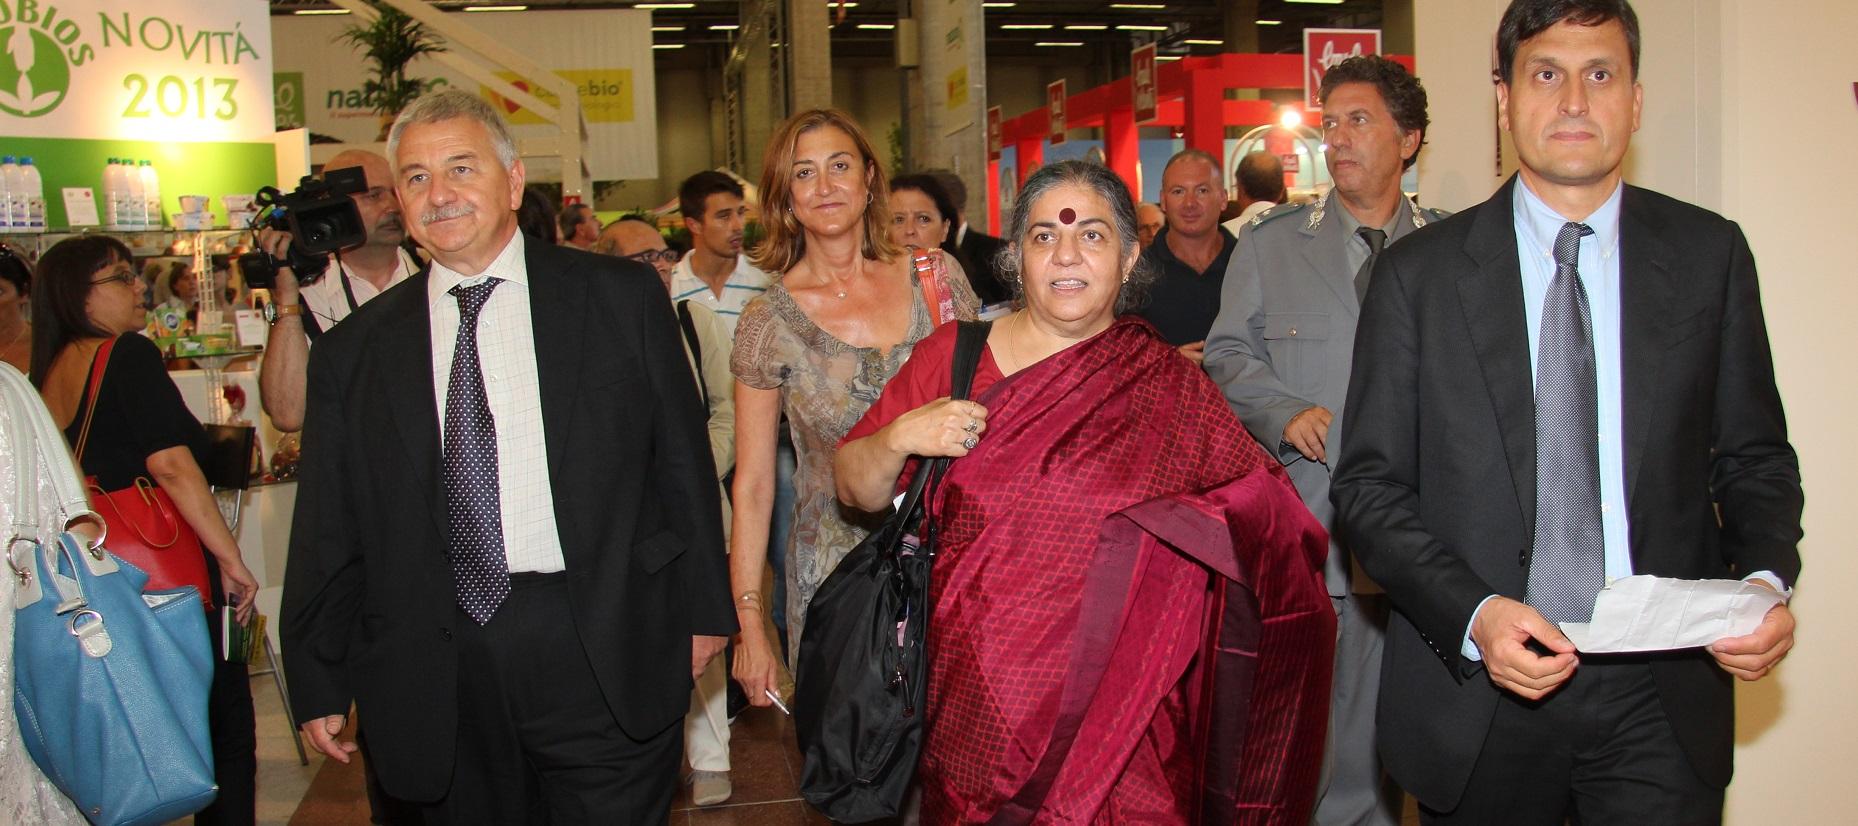 Paradossi del terzo millennio: il trionfo bolognese di Vandana Shiva, ambasciatrice mondiale  della fame indiana